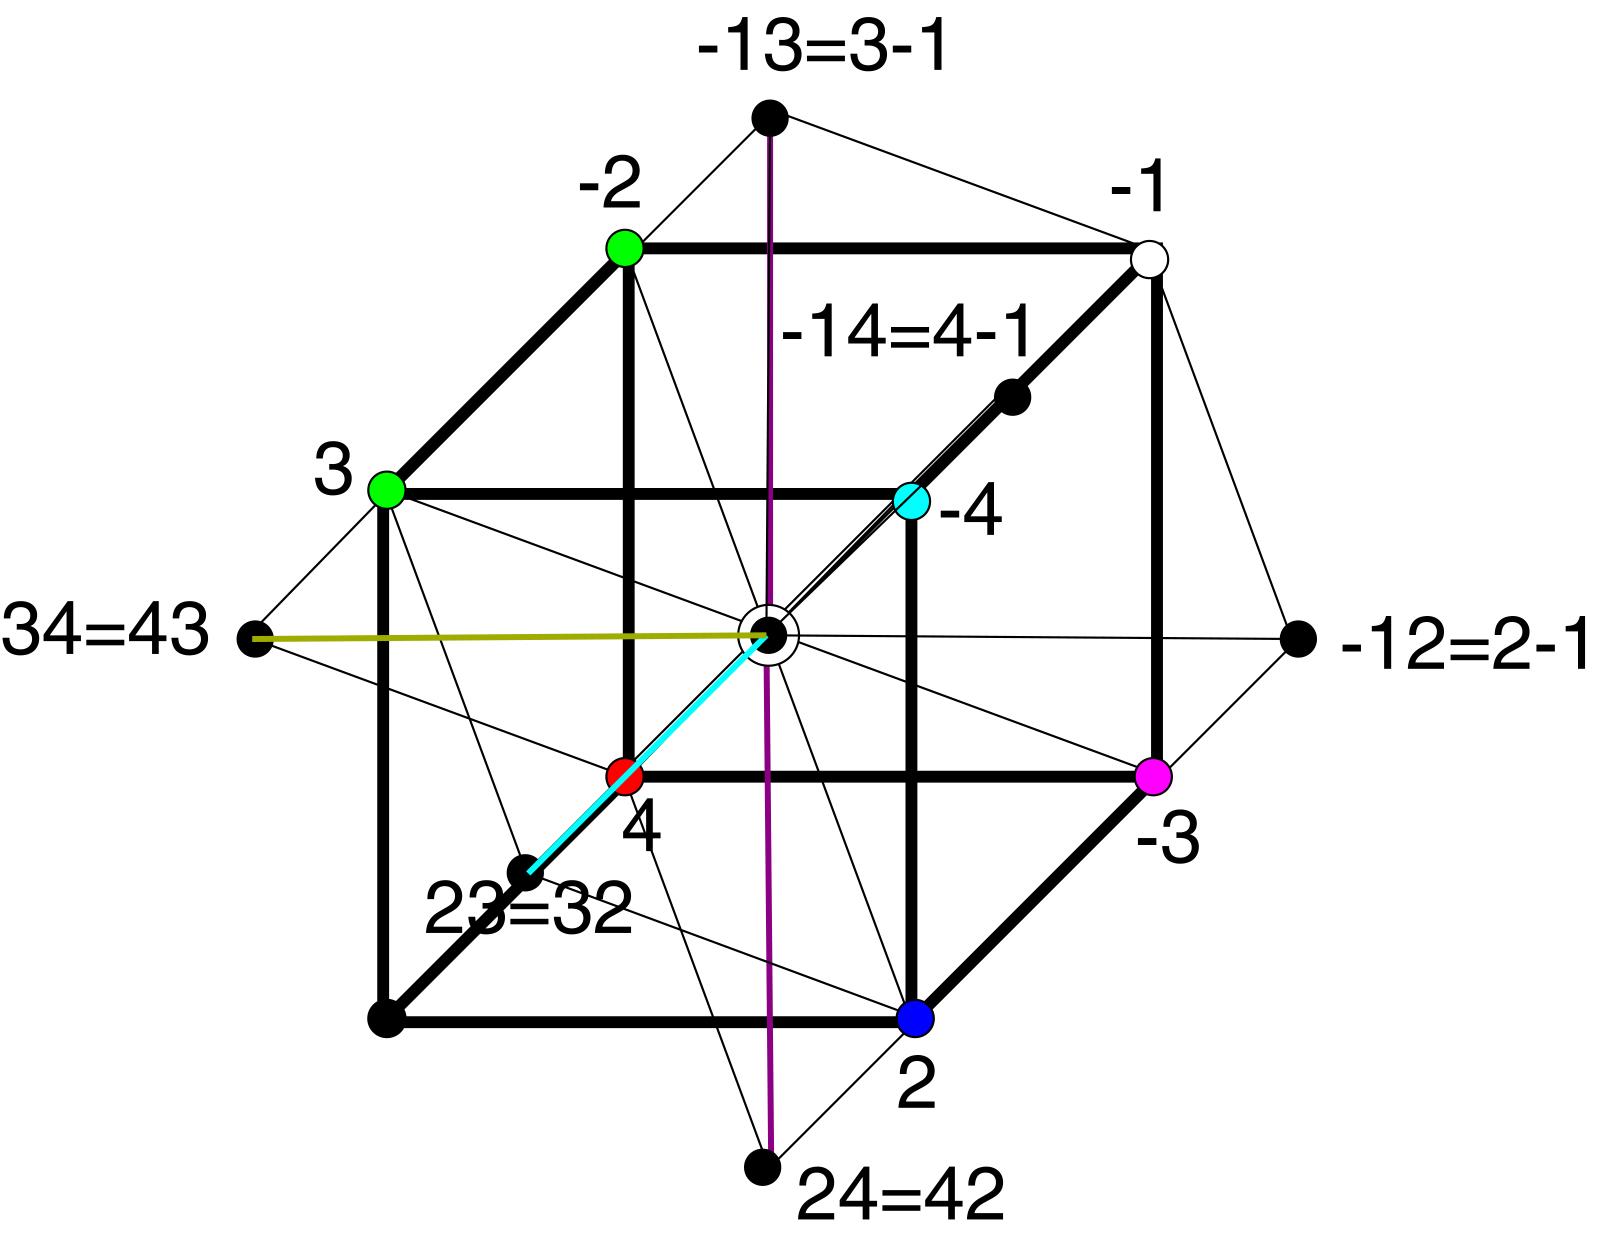 Рисунок 3. При смене одержимости (желания) на ненамеренность (осознанность), любой дискурс совпадает с центром матрицы.